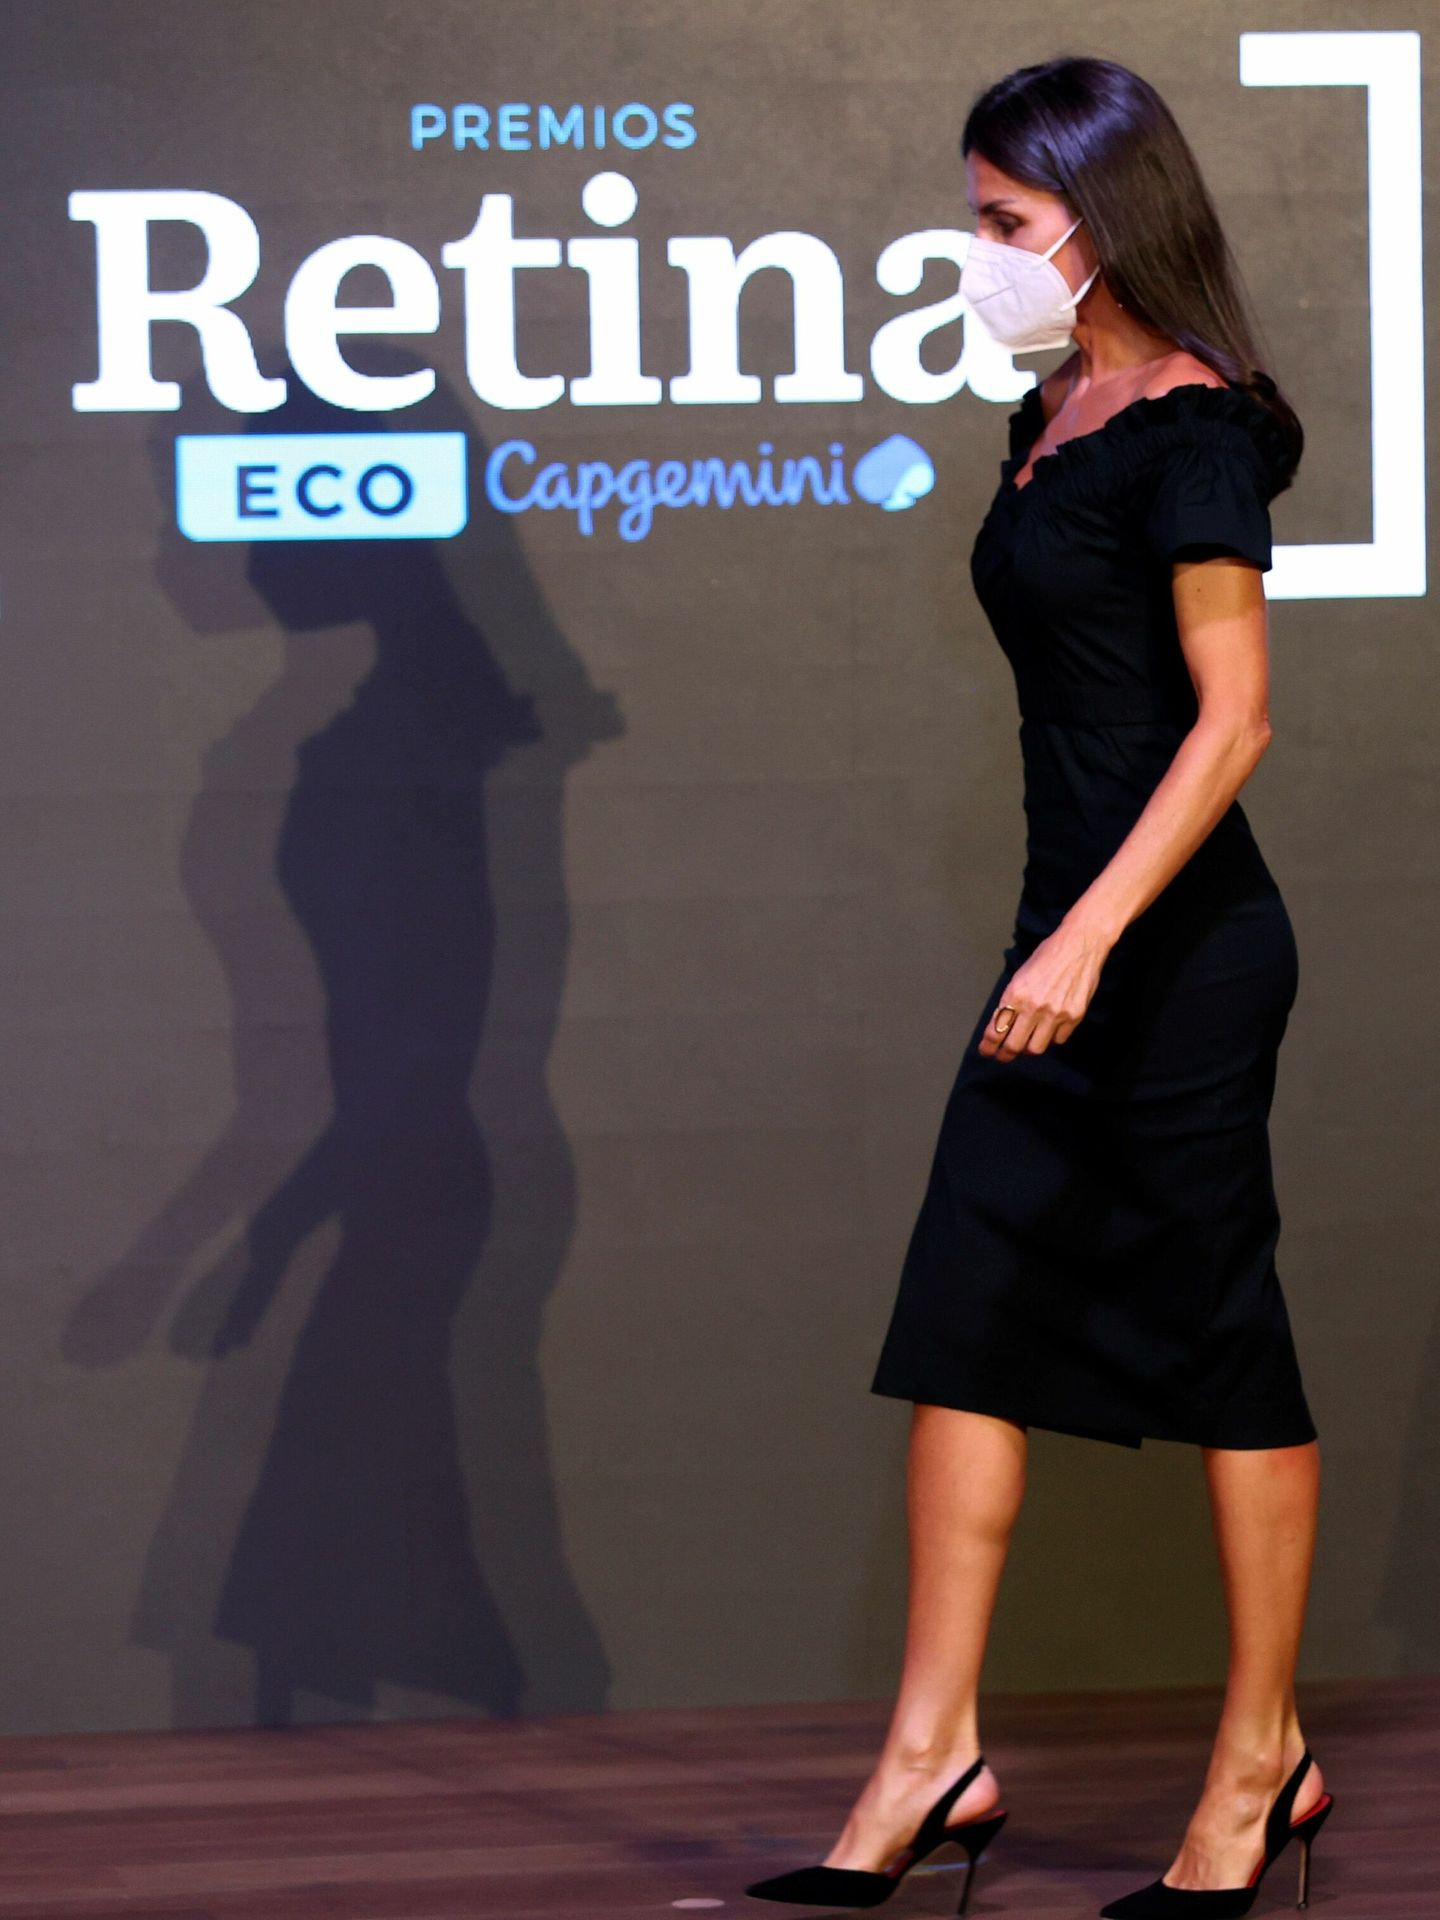 Letizia, en los Premios Retina ECO. (EFE)